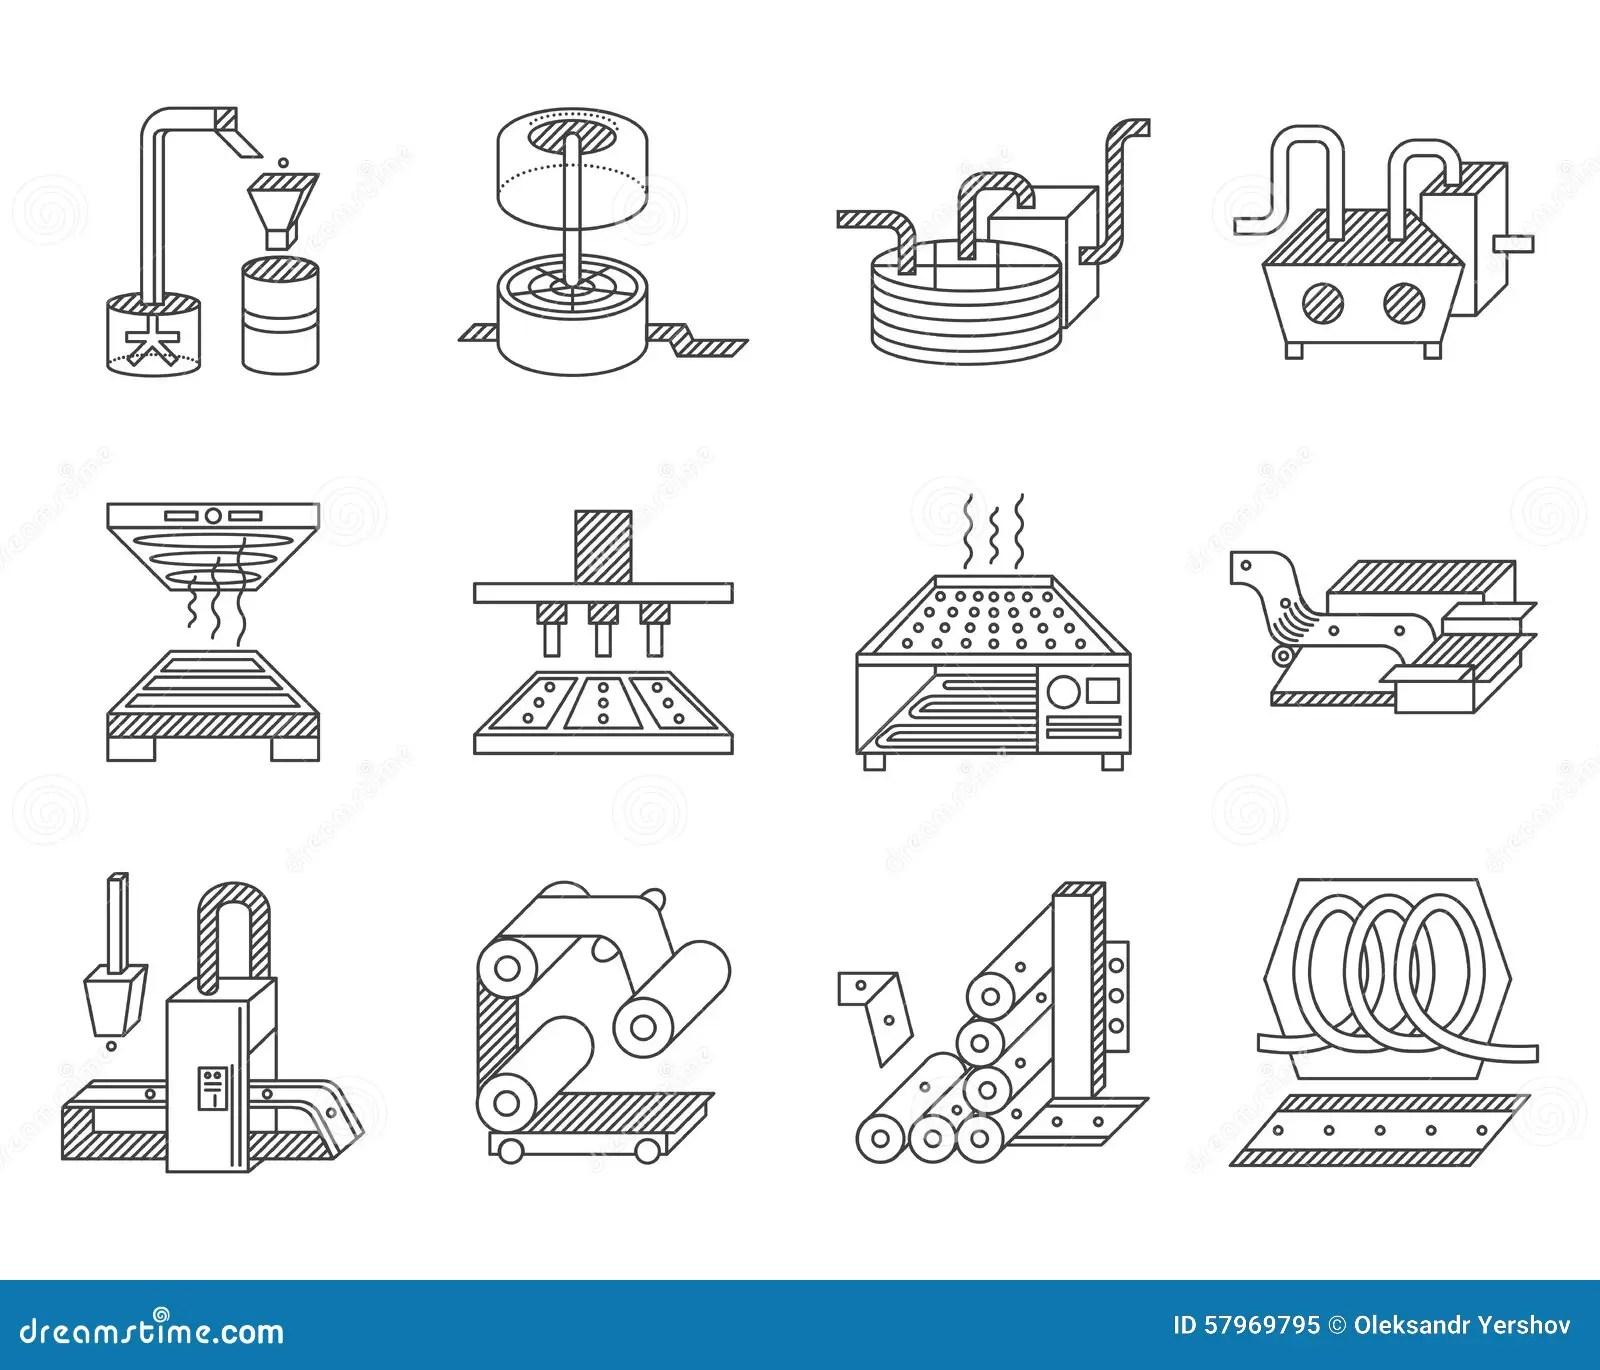 P Id Symbols